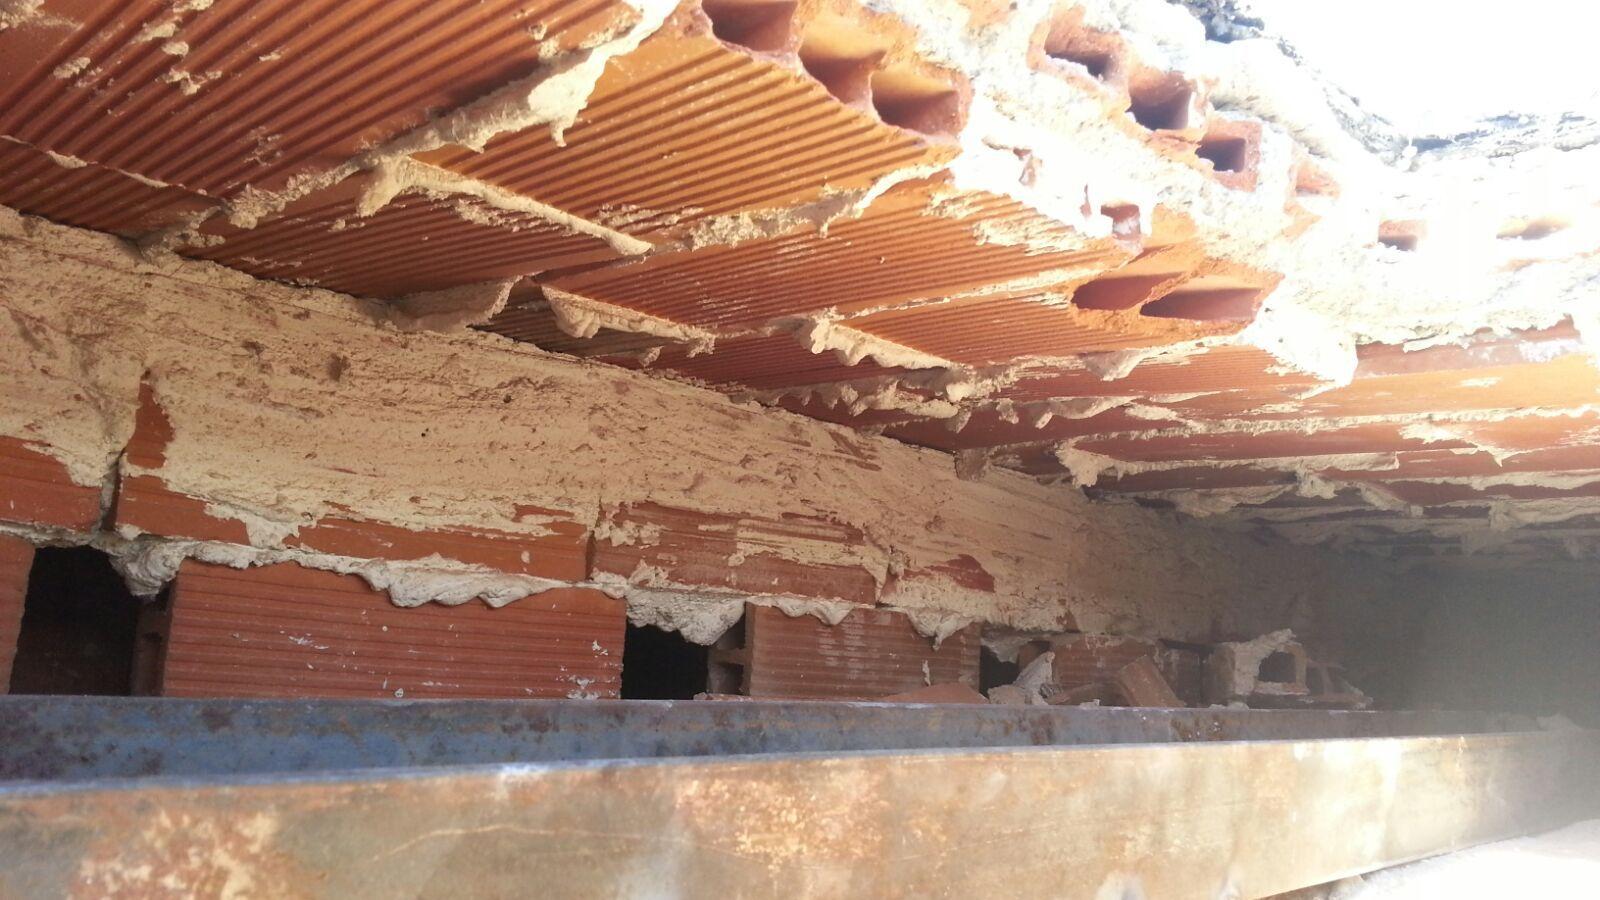 Foto 9 de Cubiertas y tejados en Leganés | Cubiertas Imperdur, S.L.